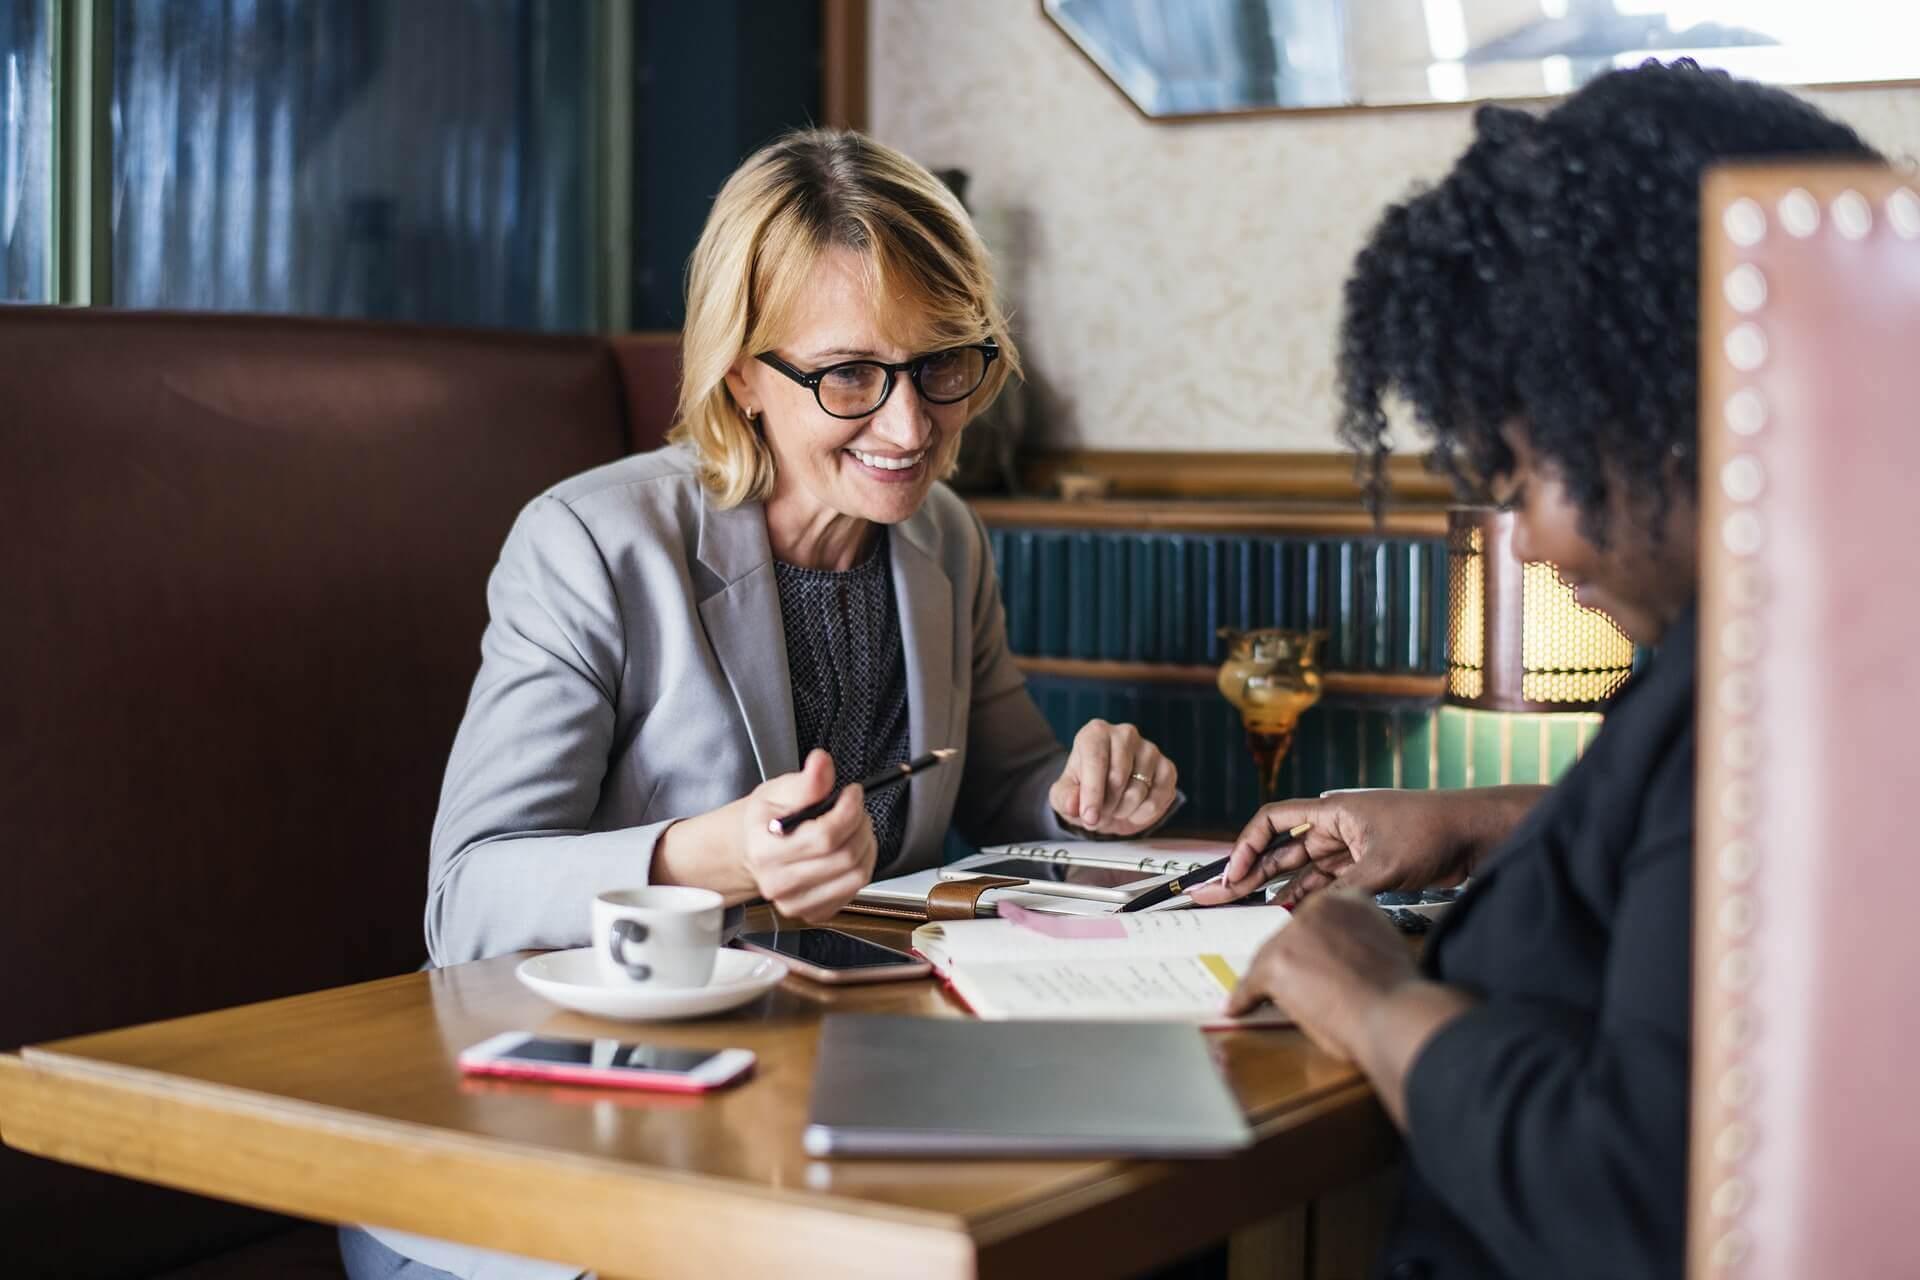 Ofertas de emprego temporário valem a pena?